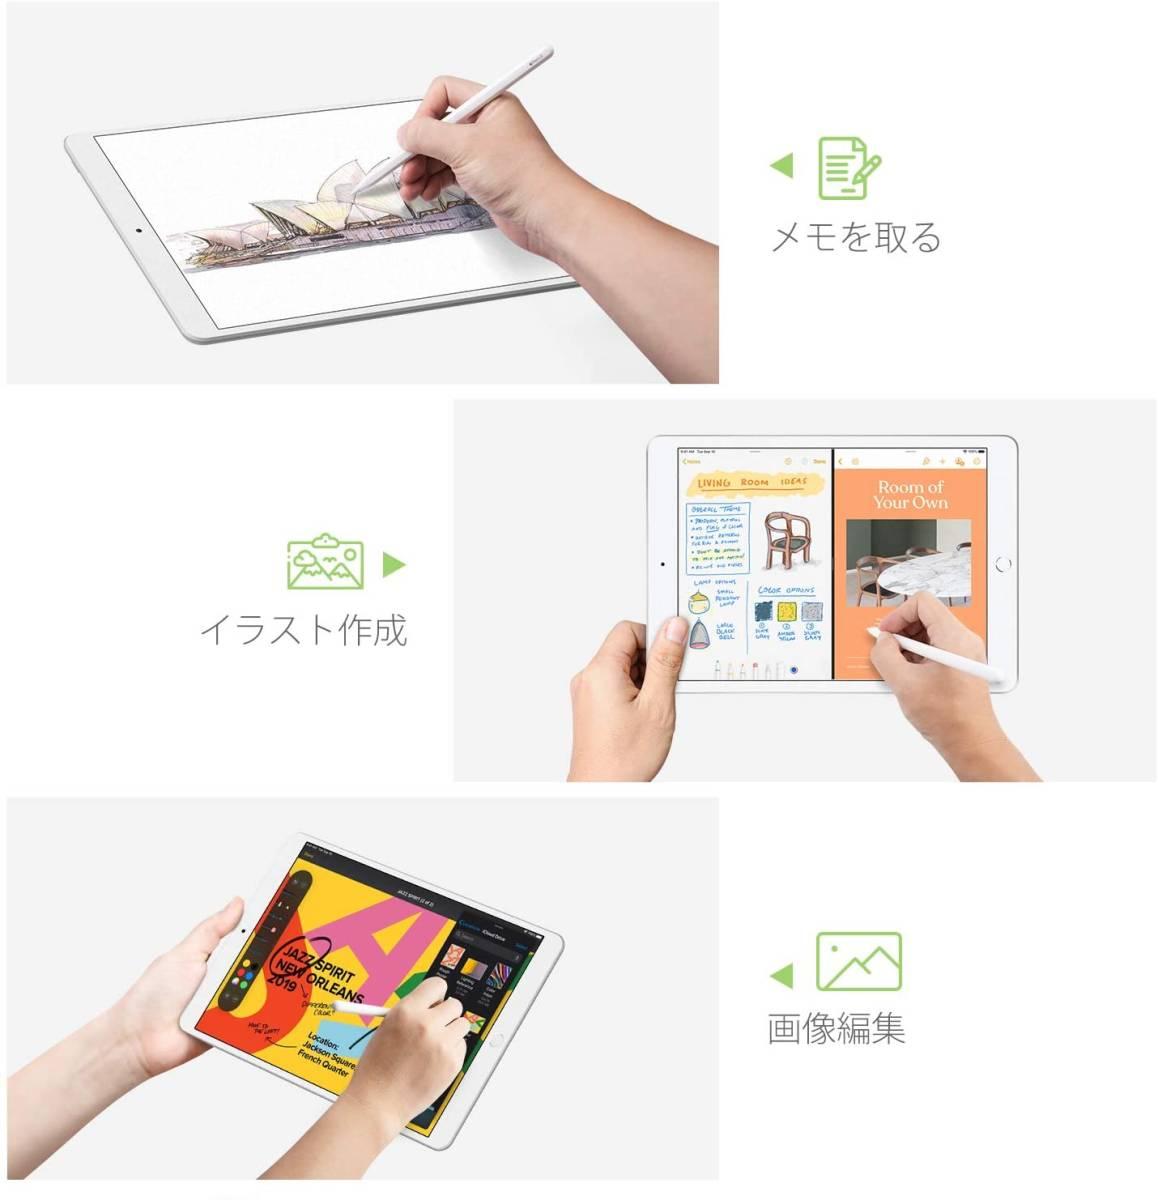 【ガイド枠付き】 iPad 10.2 用 ペーパーライク フィルム 箱キズあり_画像4